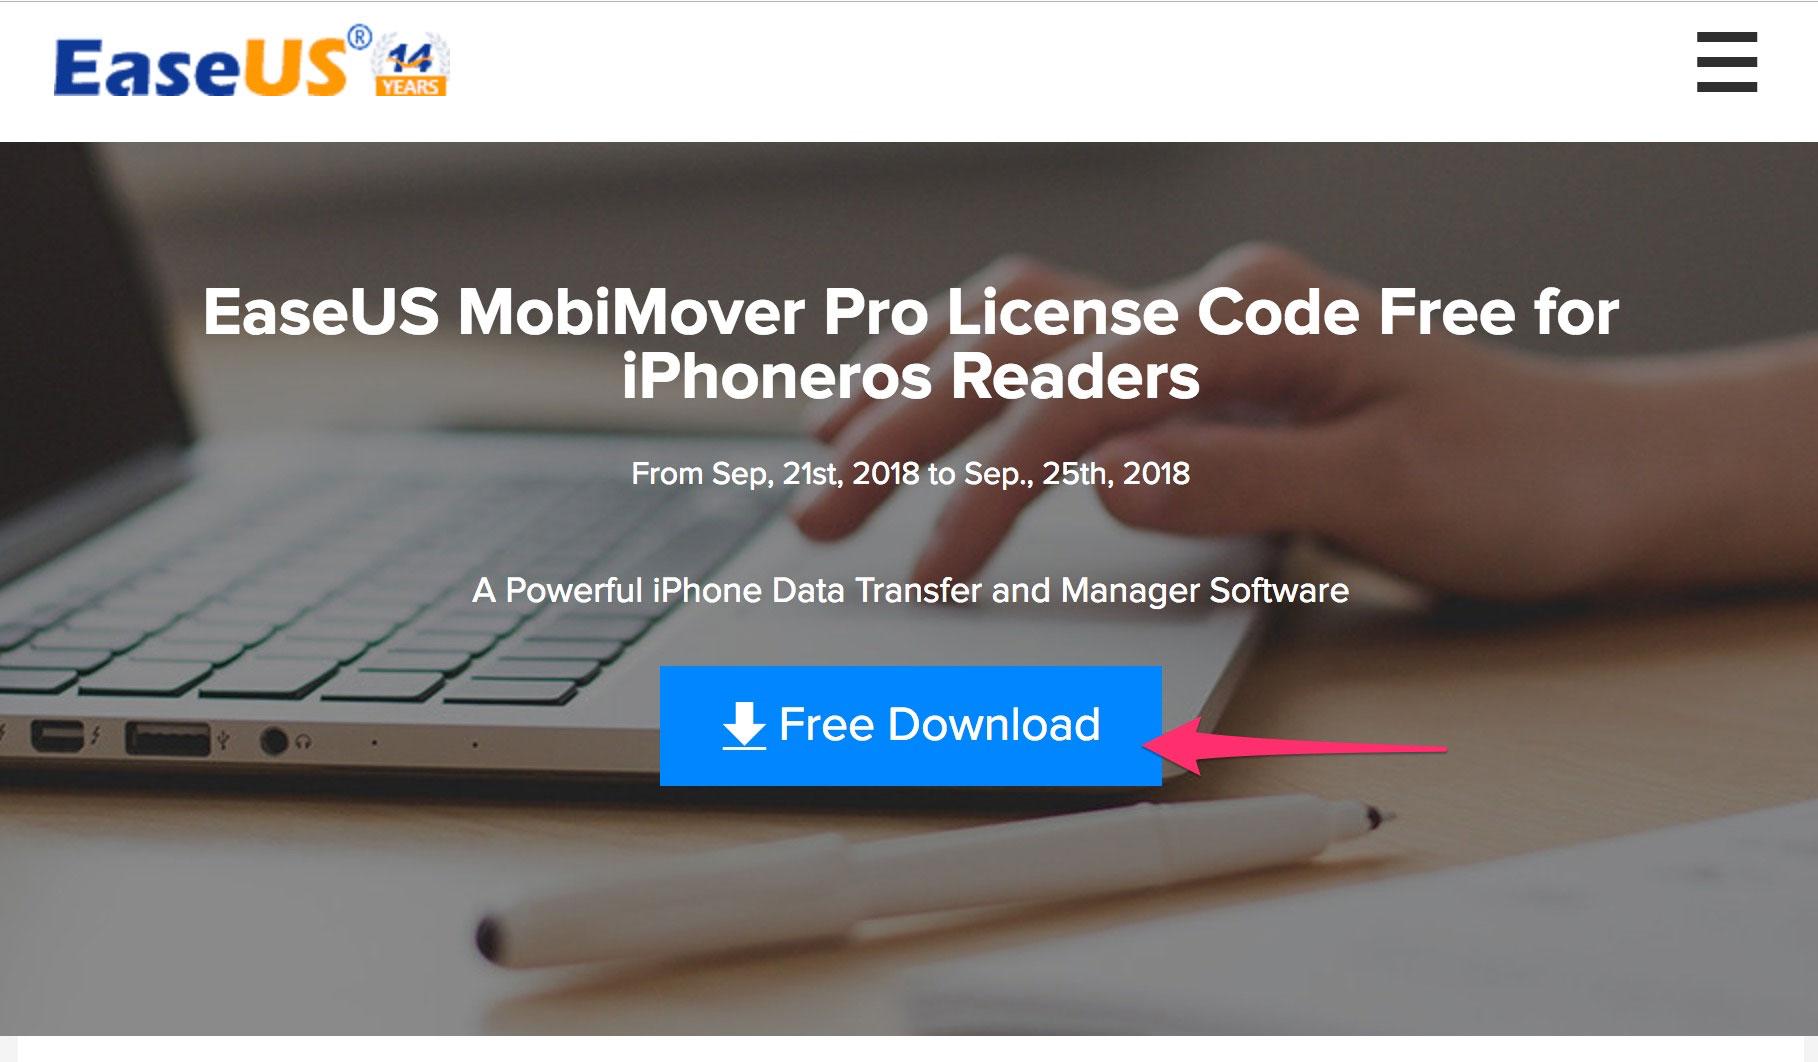 EaseUS MobiMover disponible gratis para los lectores de iPhoneros hasta el día 25 de septiembre